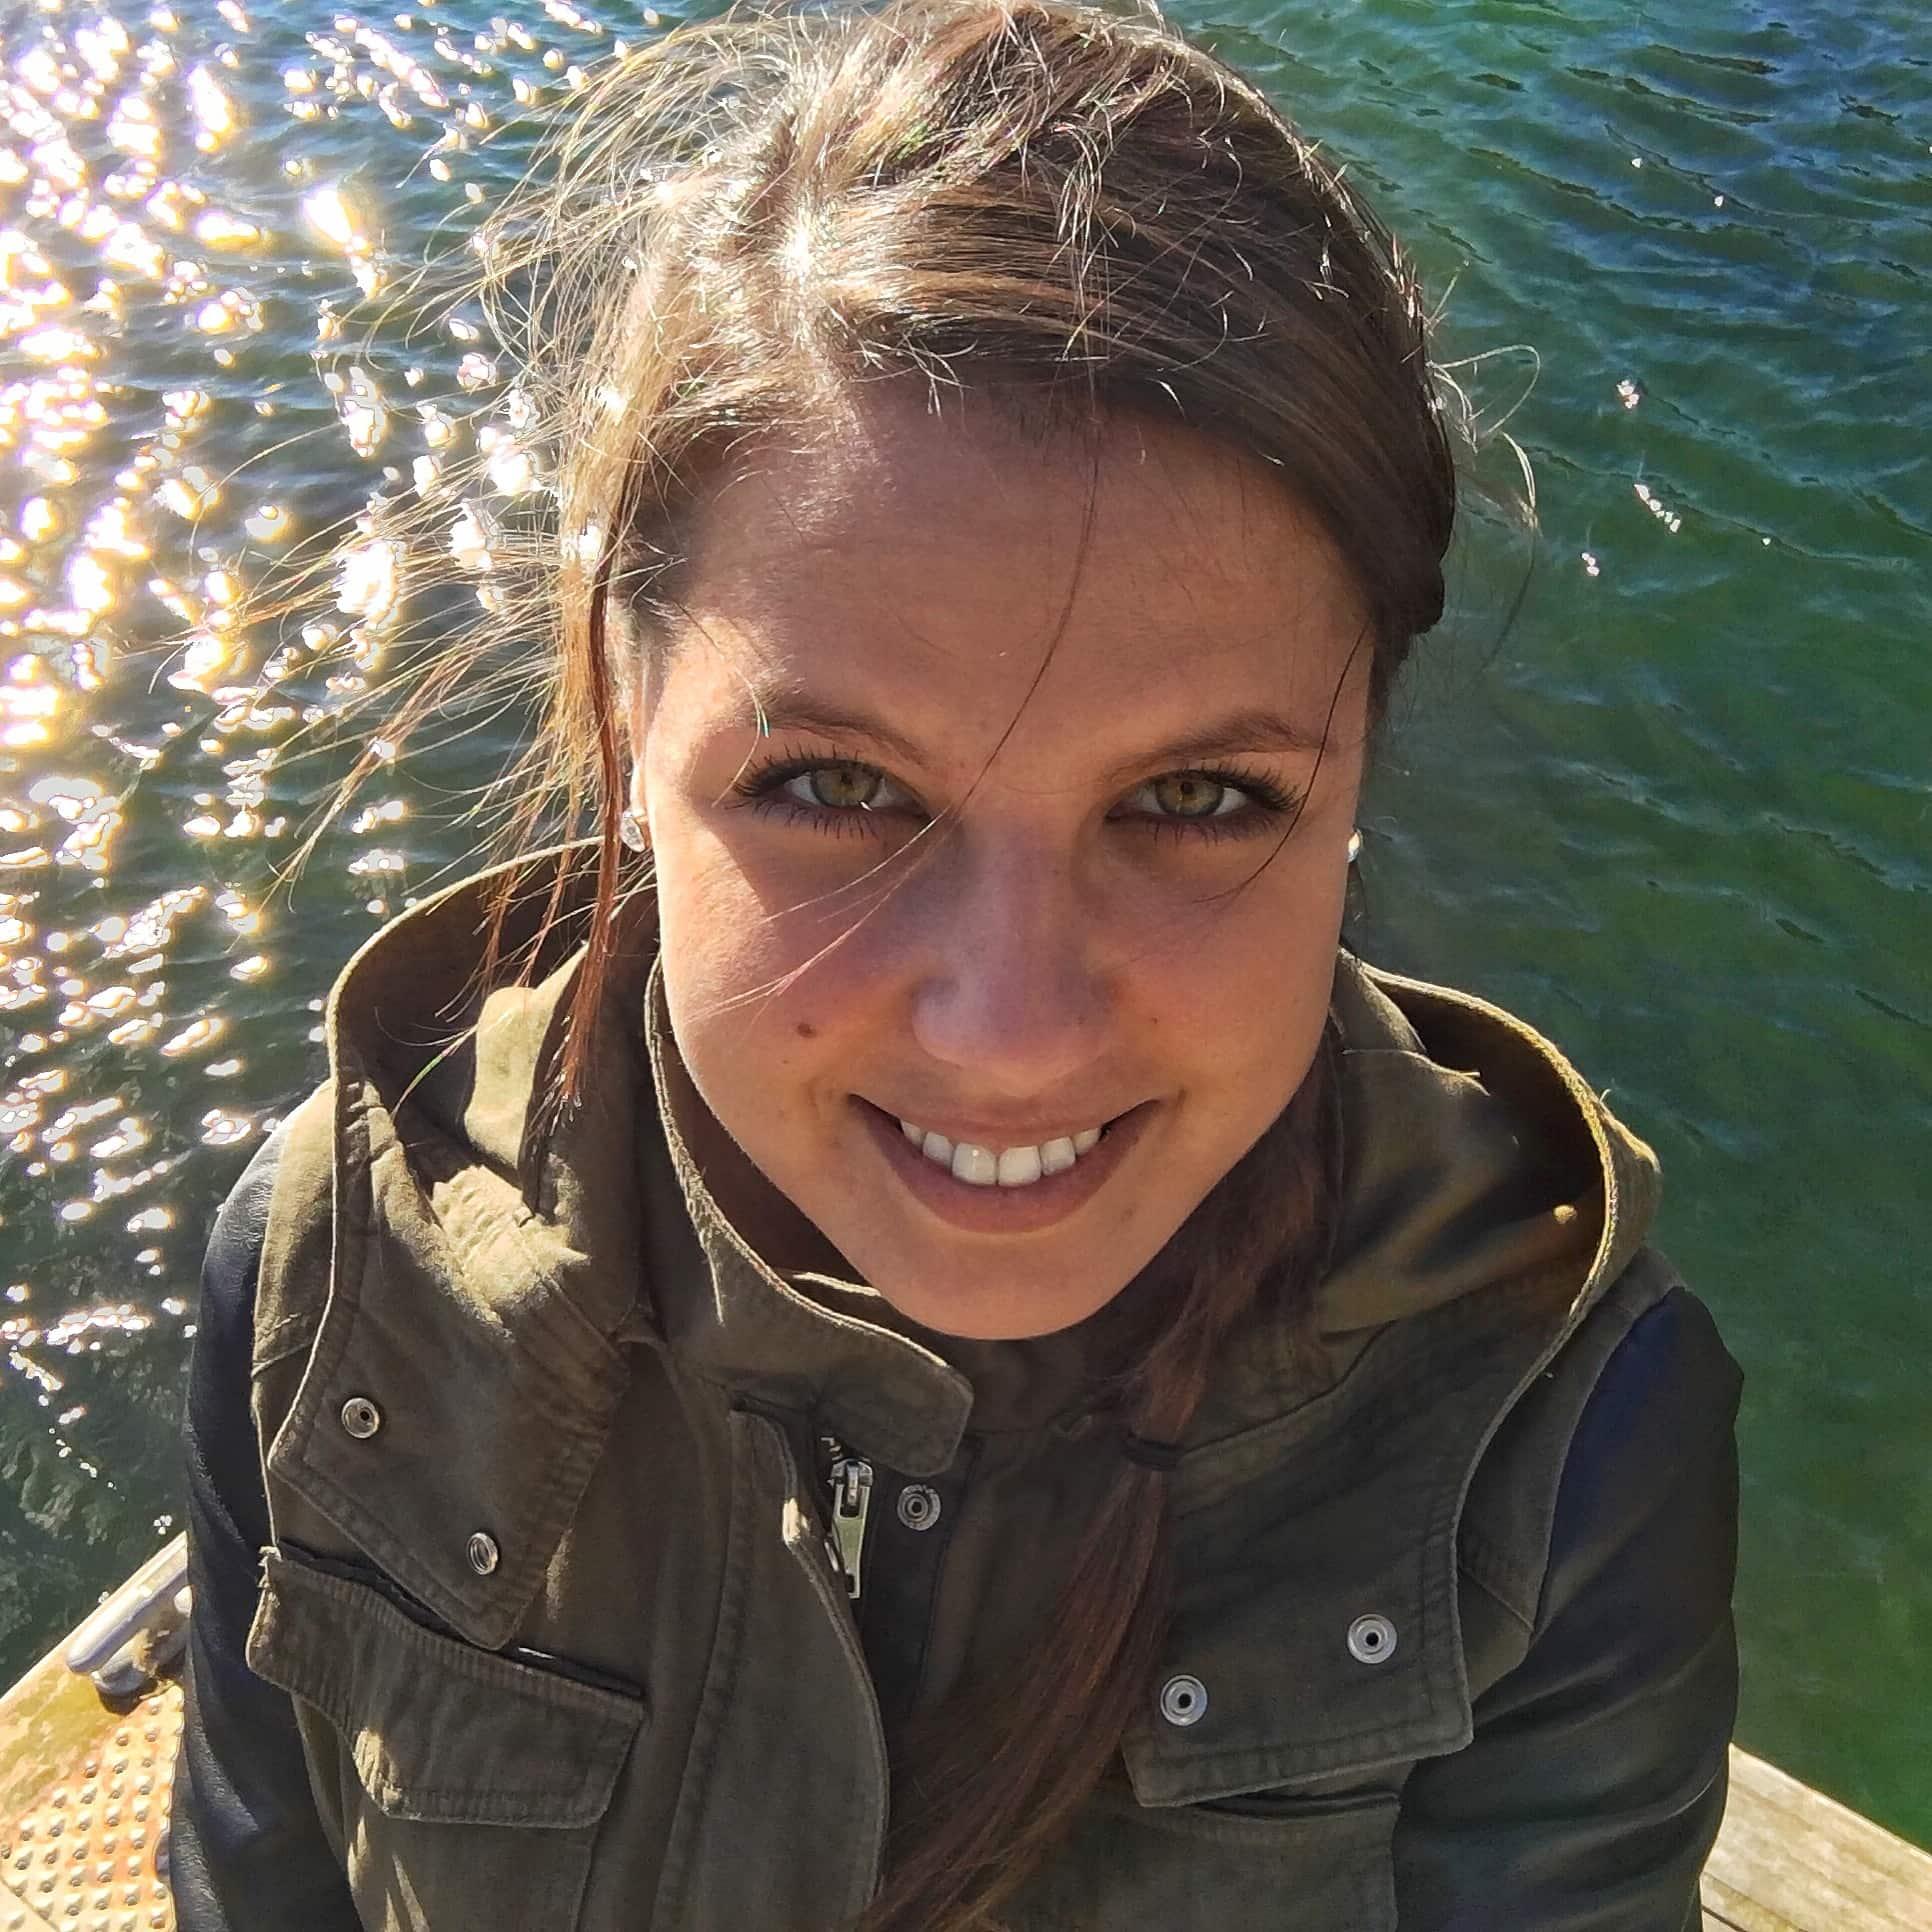 Laura-Lee - thetravellette.comLaura-Lee - thetravellette.com